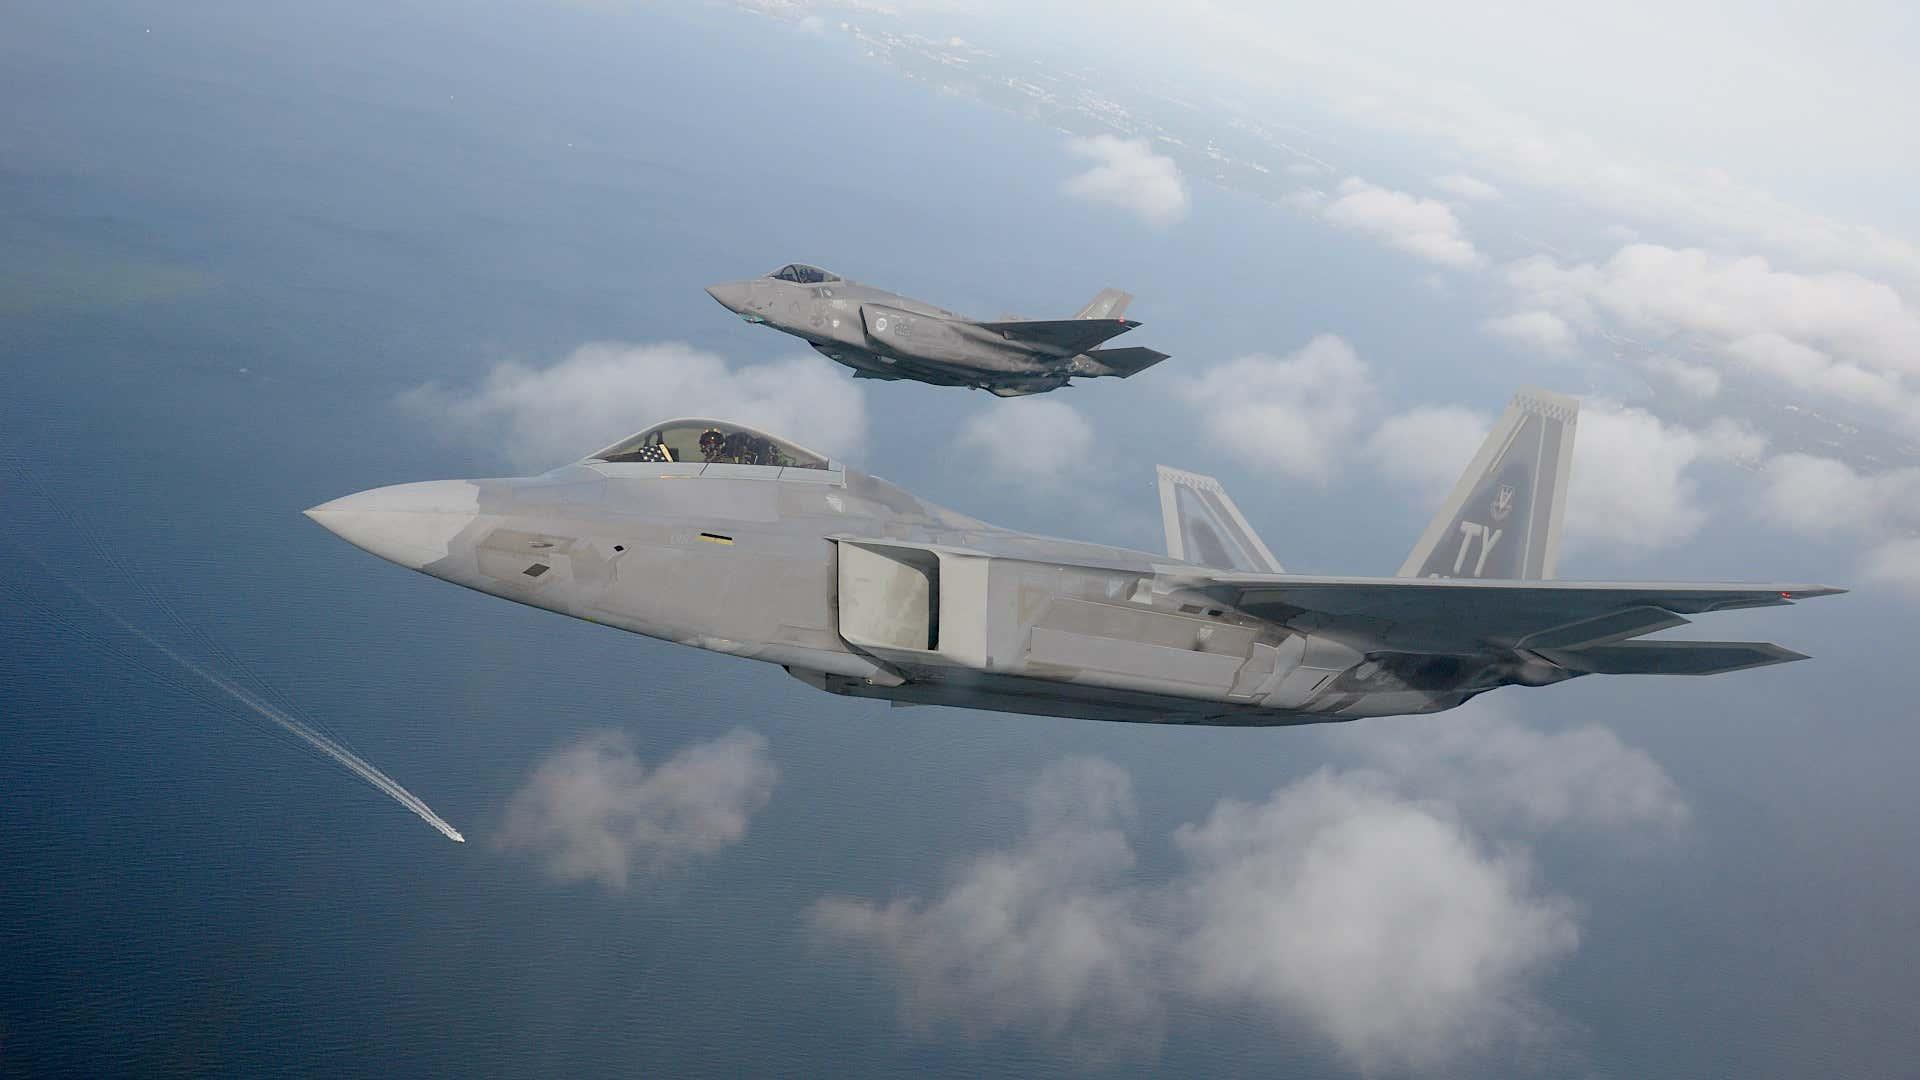 Pifias de la industria militar norteamericana: Honeywell multada por exportar información confidencial sobre F-22, F-35 y más a China (actualizado) - Página 2 Message-editor%2F1620083872978-f-22-f-35